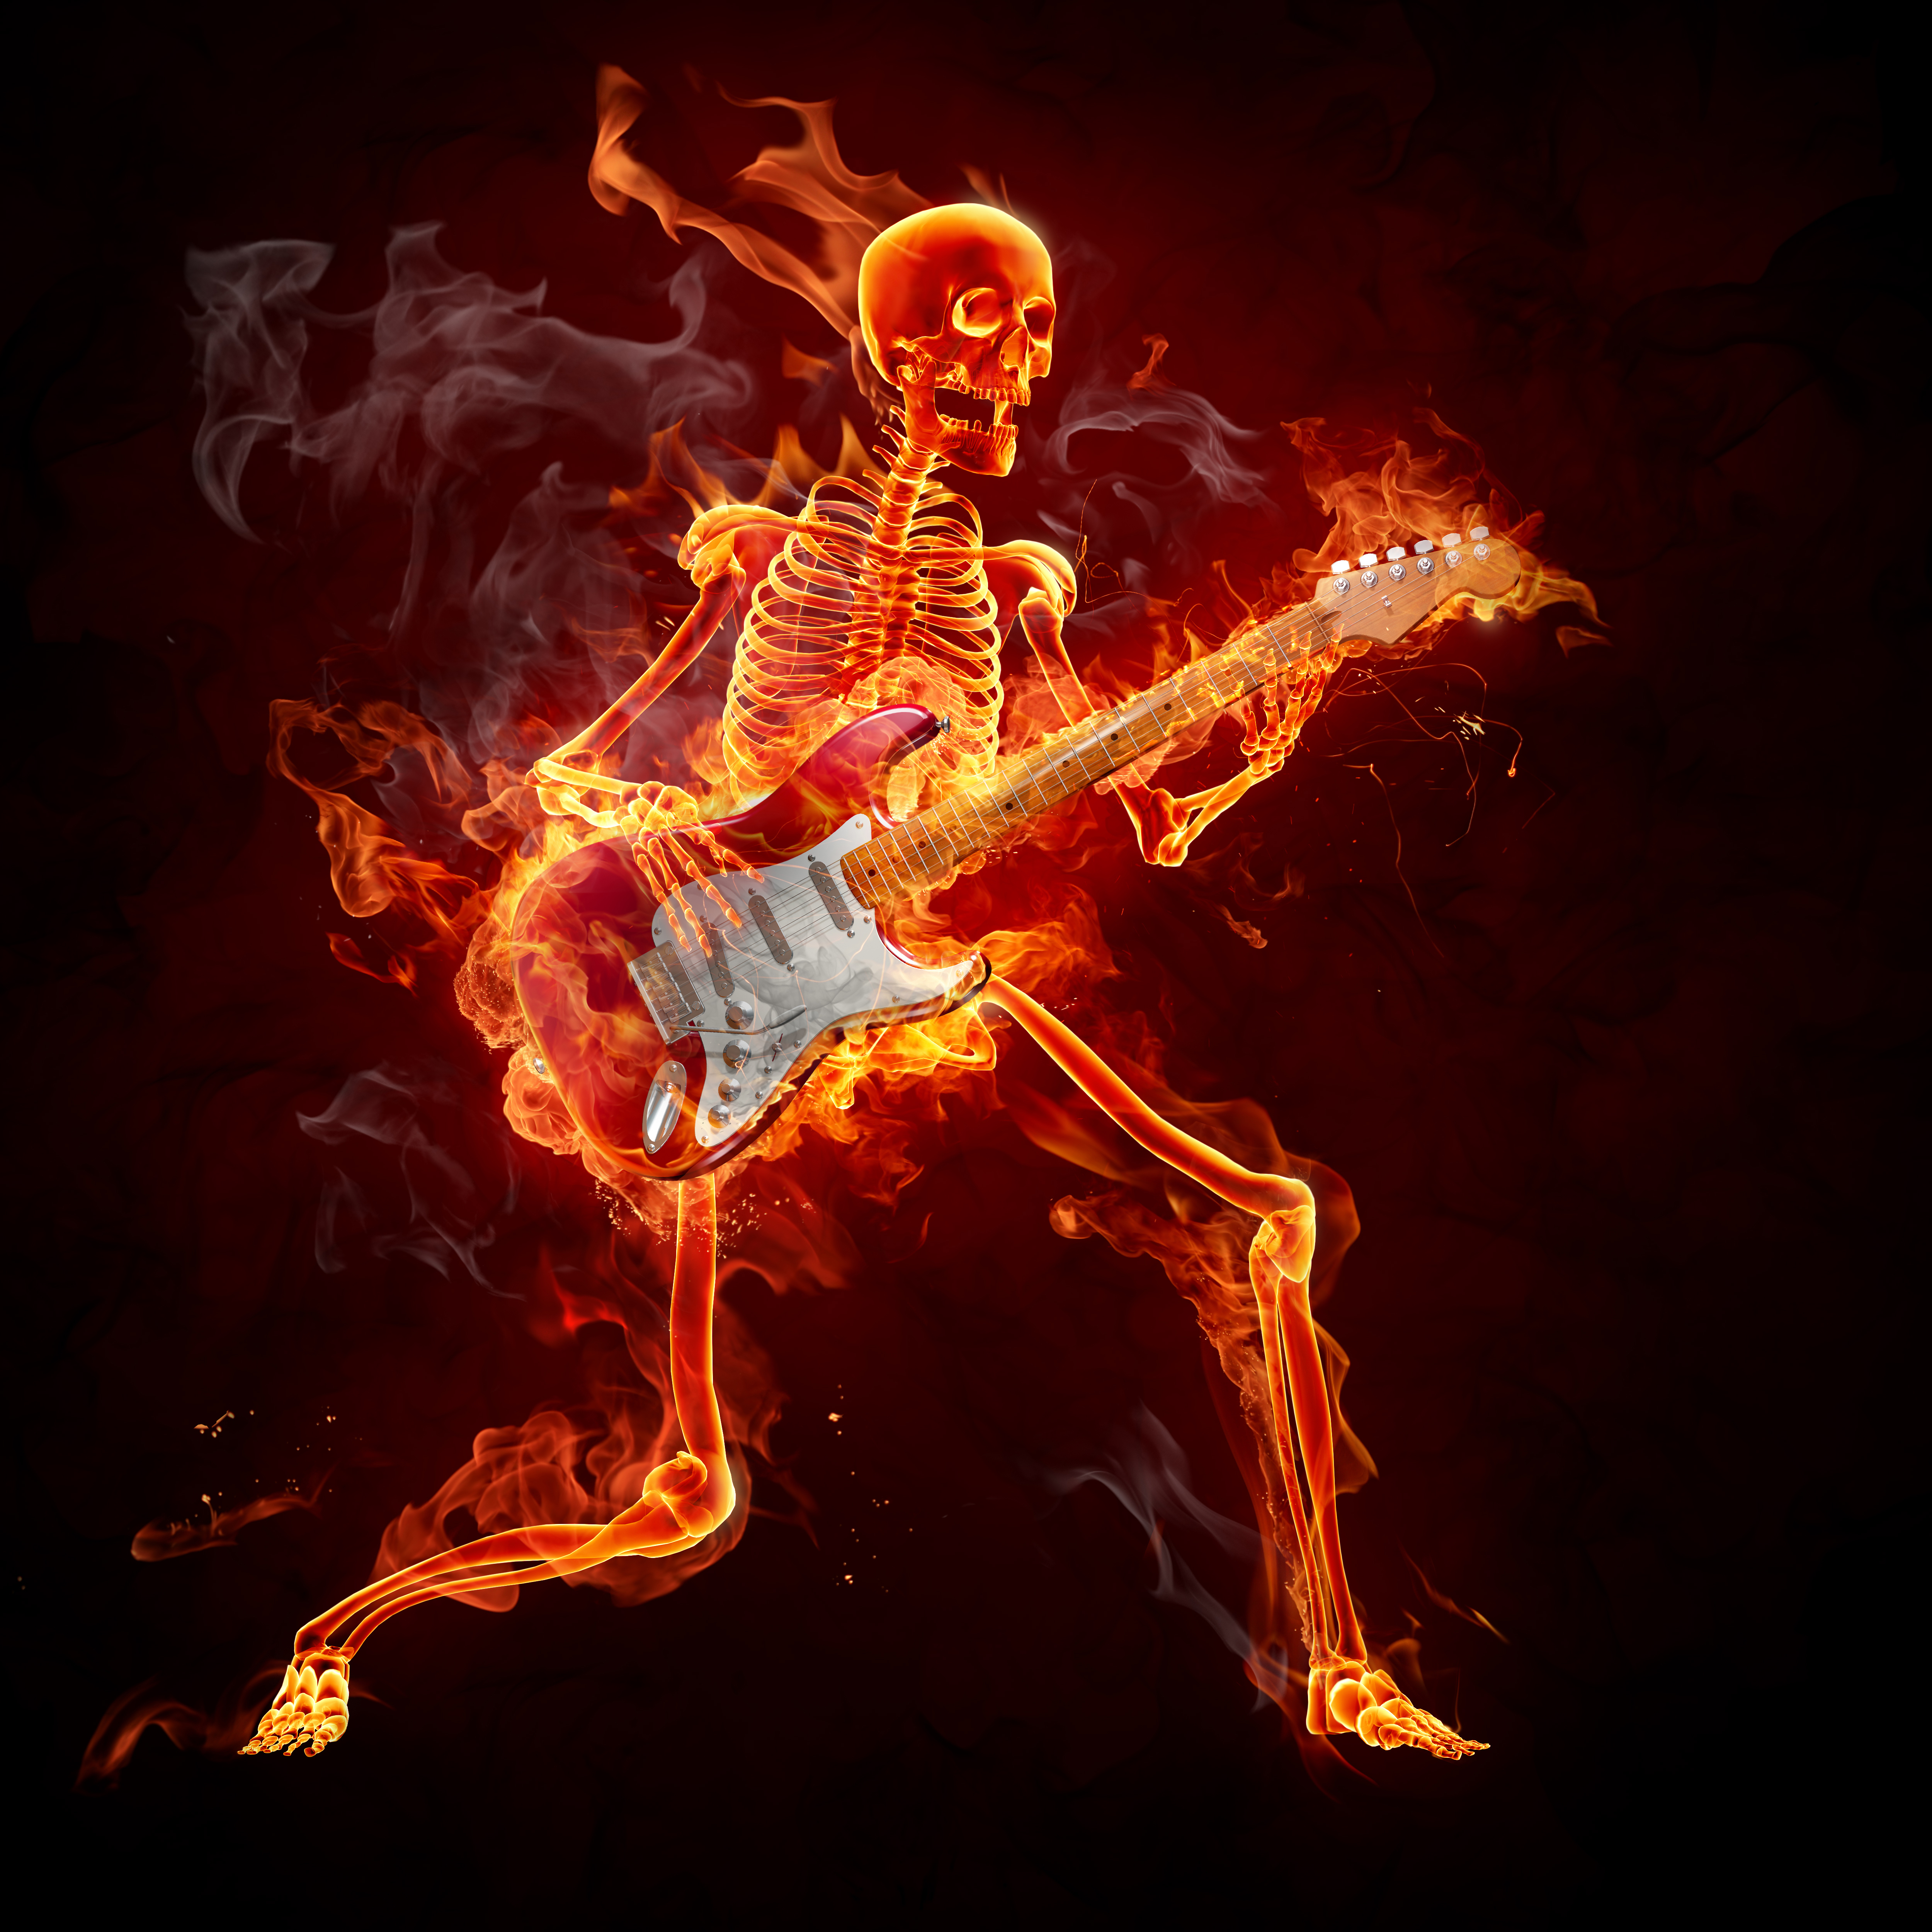 اسکلت ، آتش ، موزیک